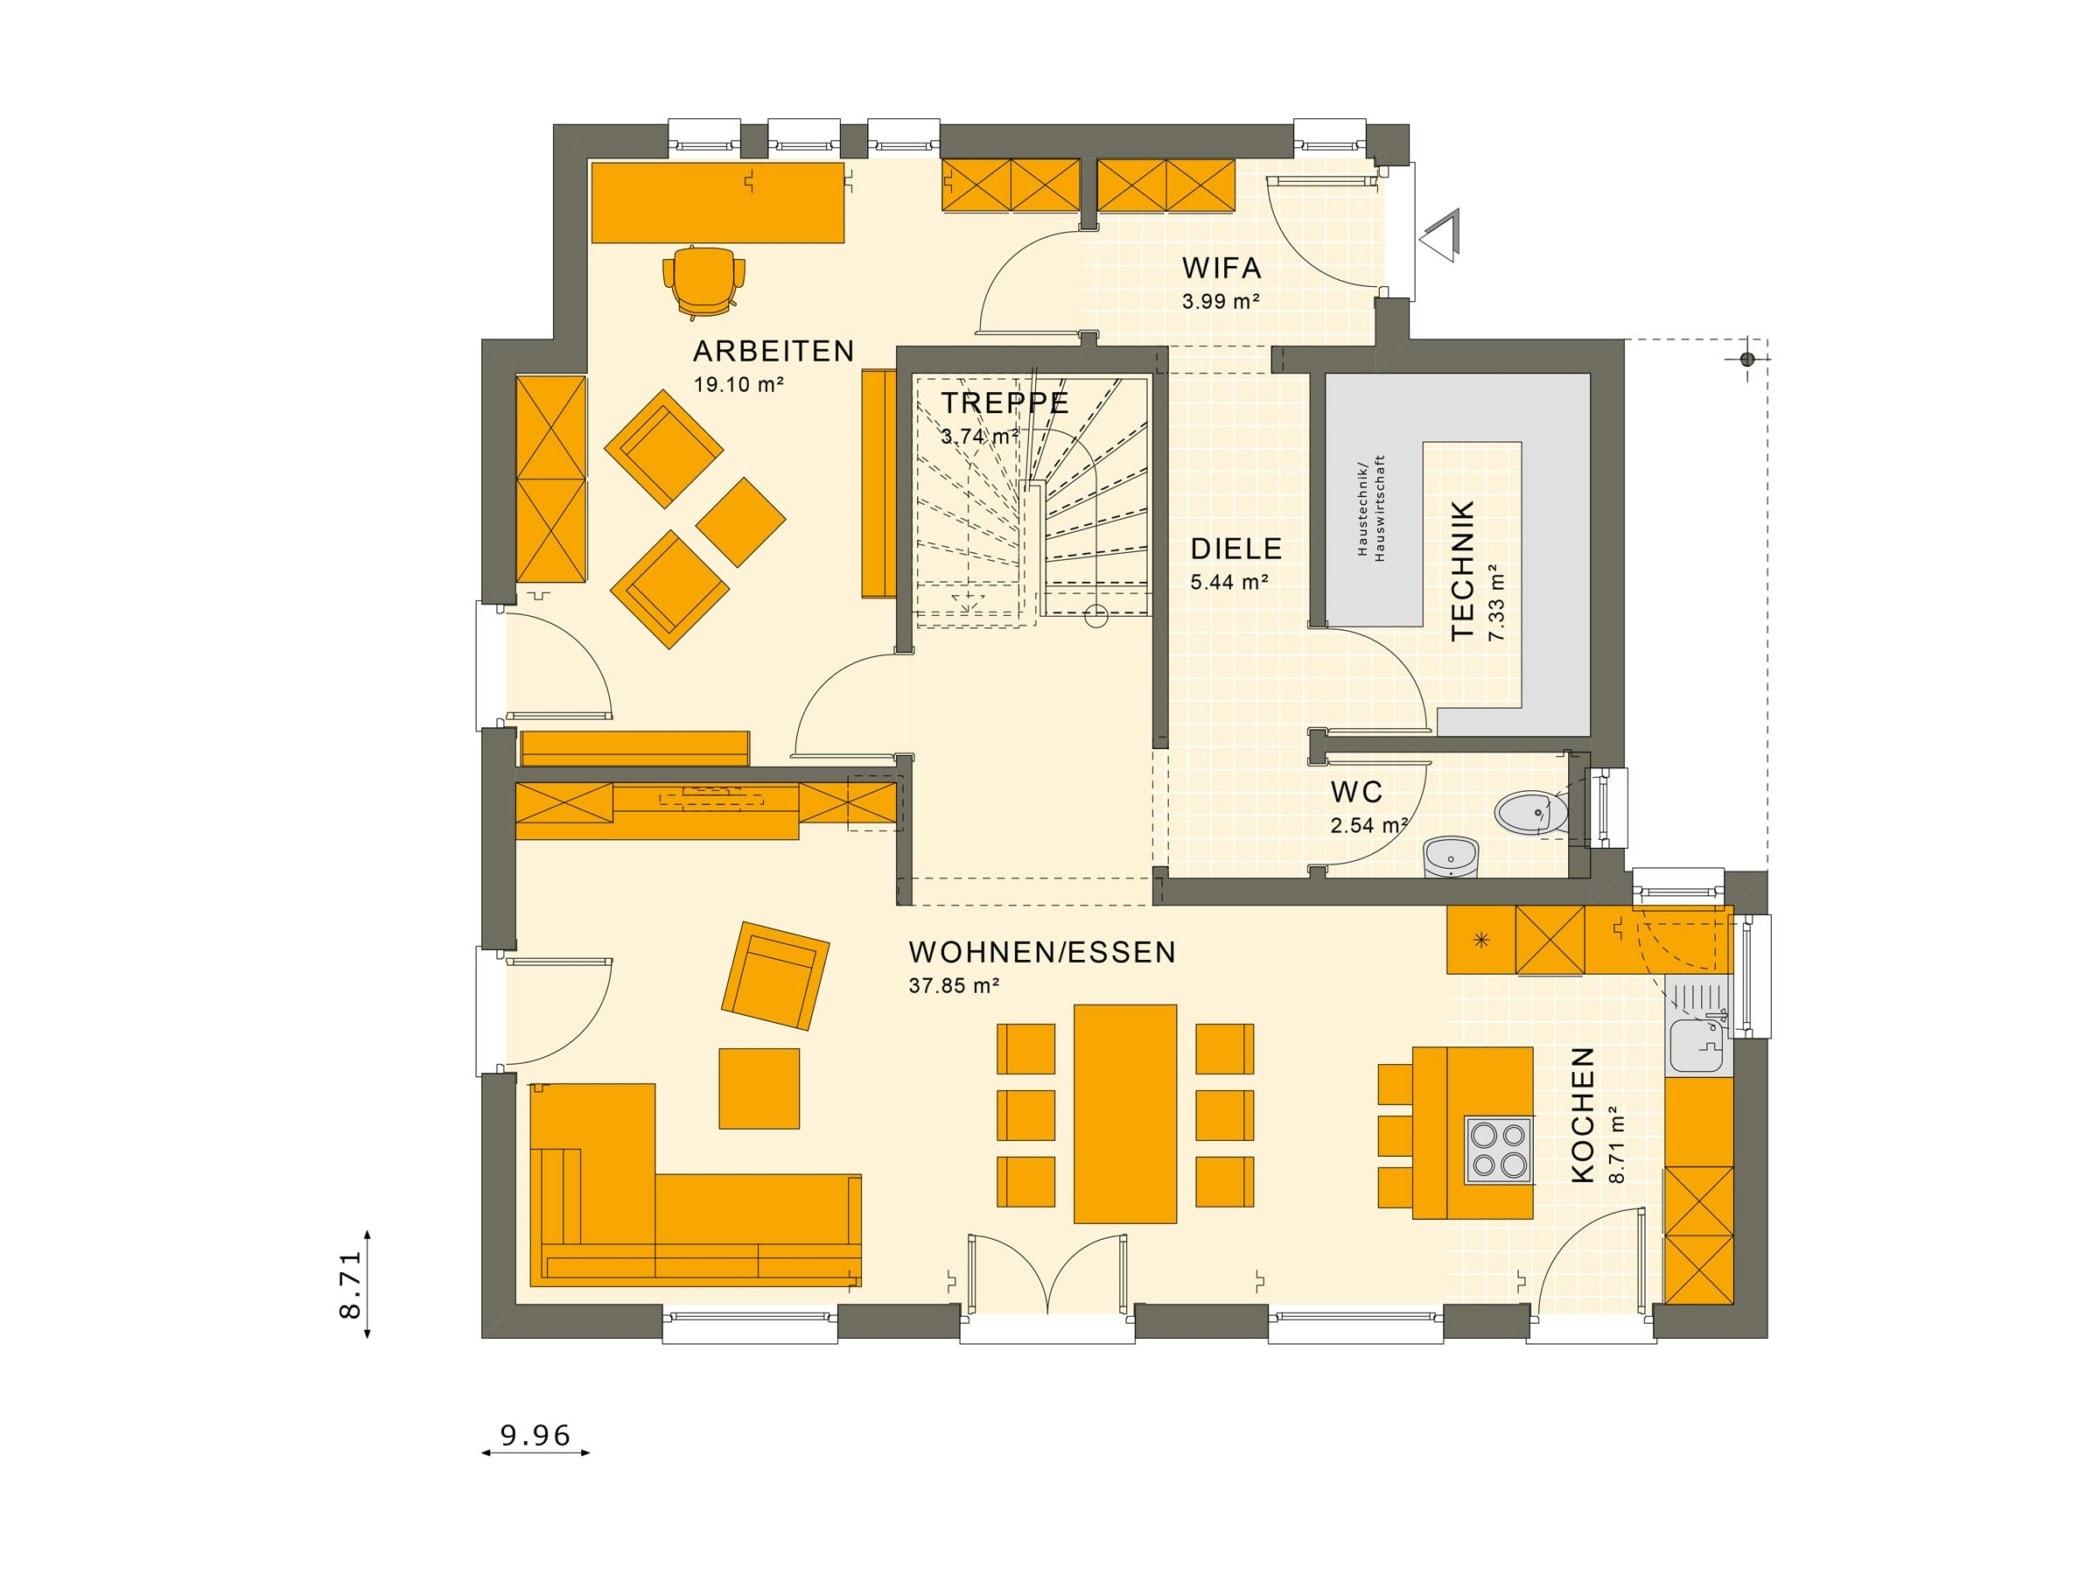 Einfamilienhaus Grundriss Erdgeschoss mit Windfang, 5 Zimmer, 140 qm - Fertighaus Living Haus SUNSHINE 143 V2 - HausbauDirekt.de